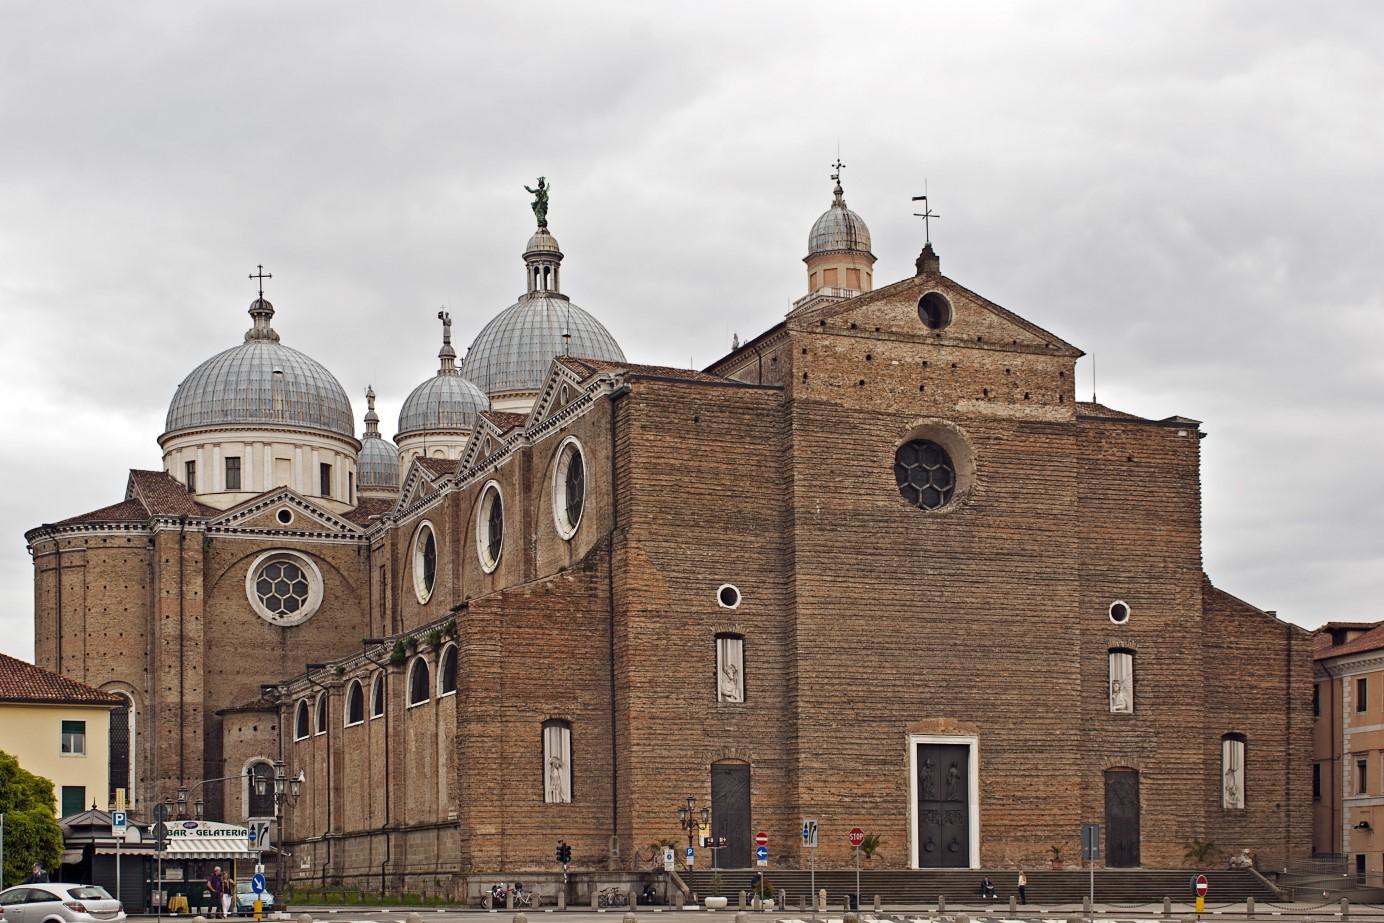 Abbazia_di_Santa_Giustina (1384 x 923).jpg